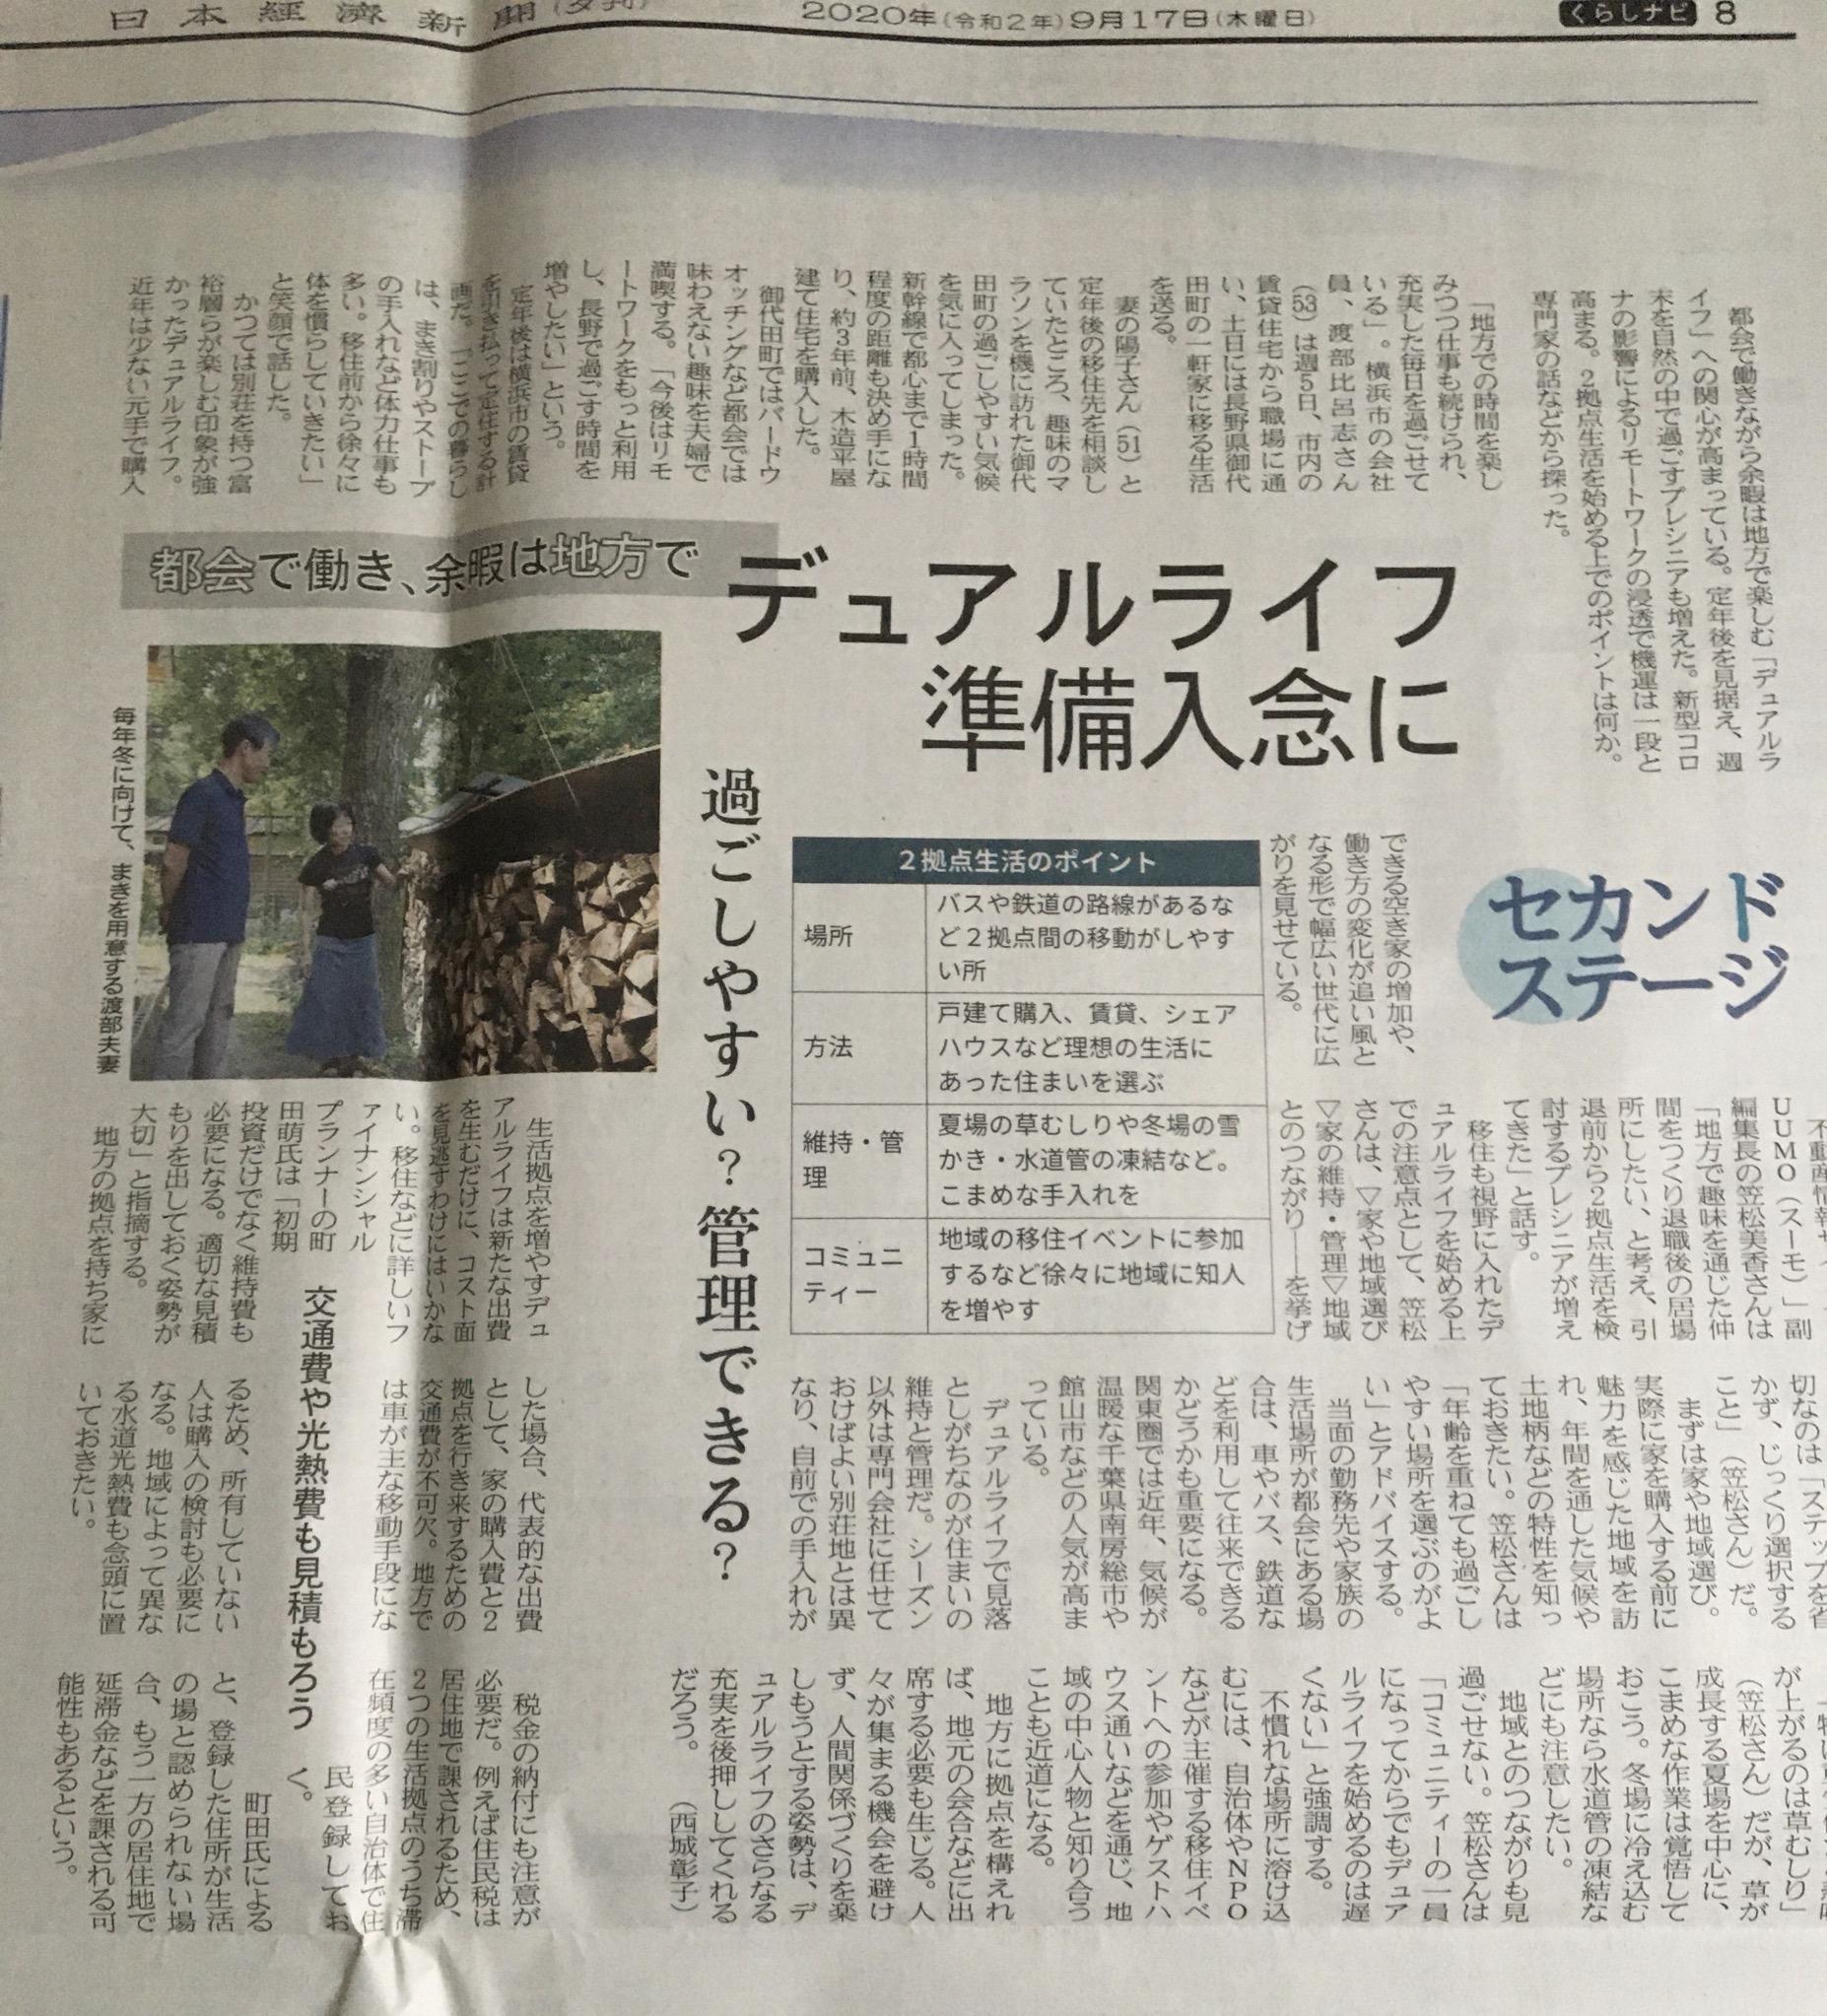 日経新聞 夕刊『デュアルライフを始めるために知っておきたいこと。』